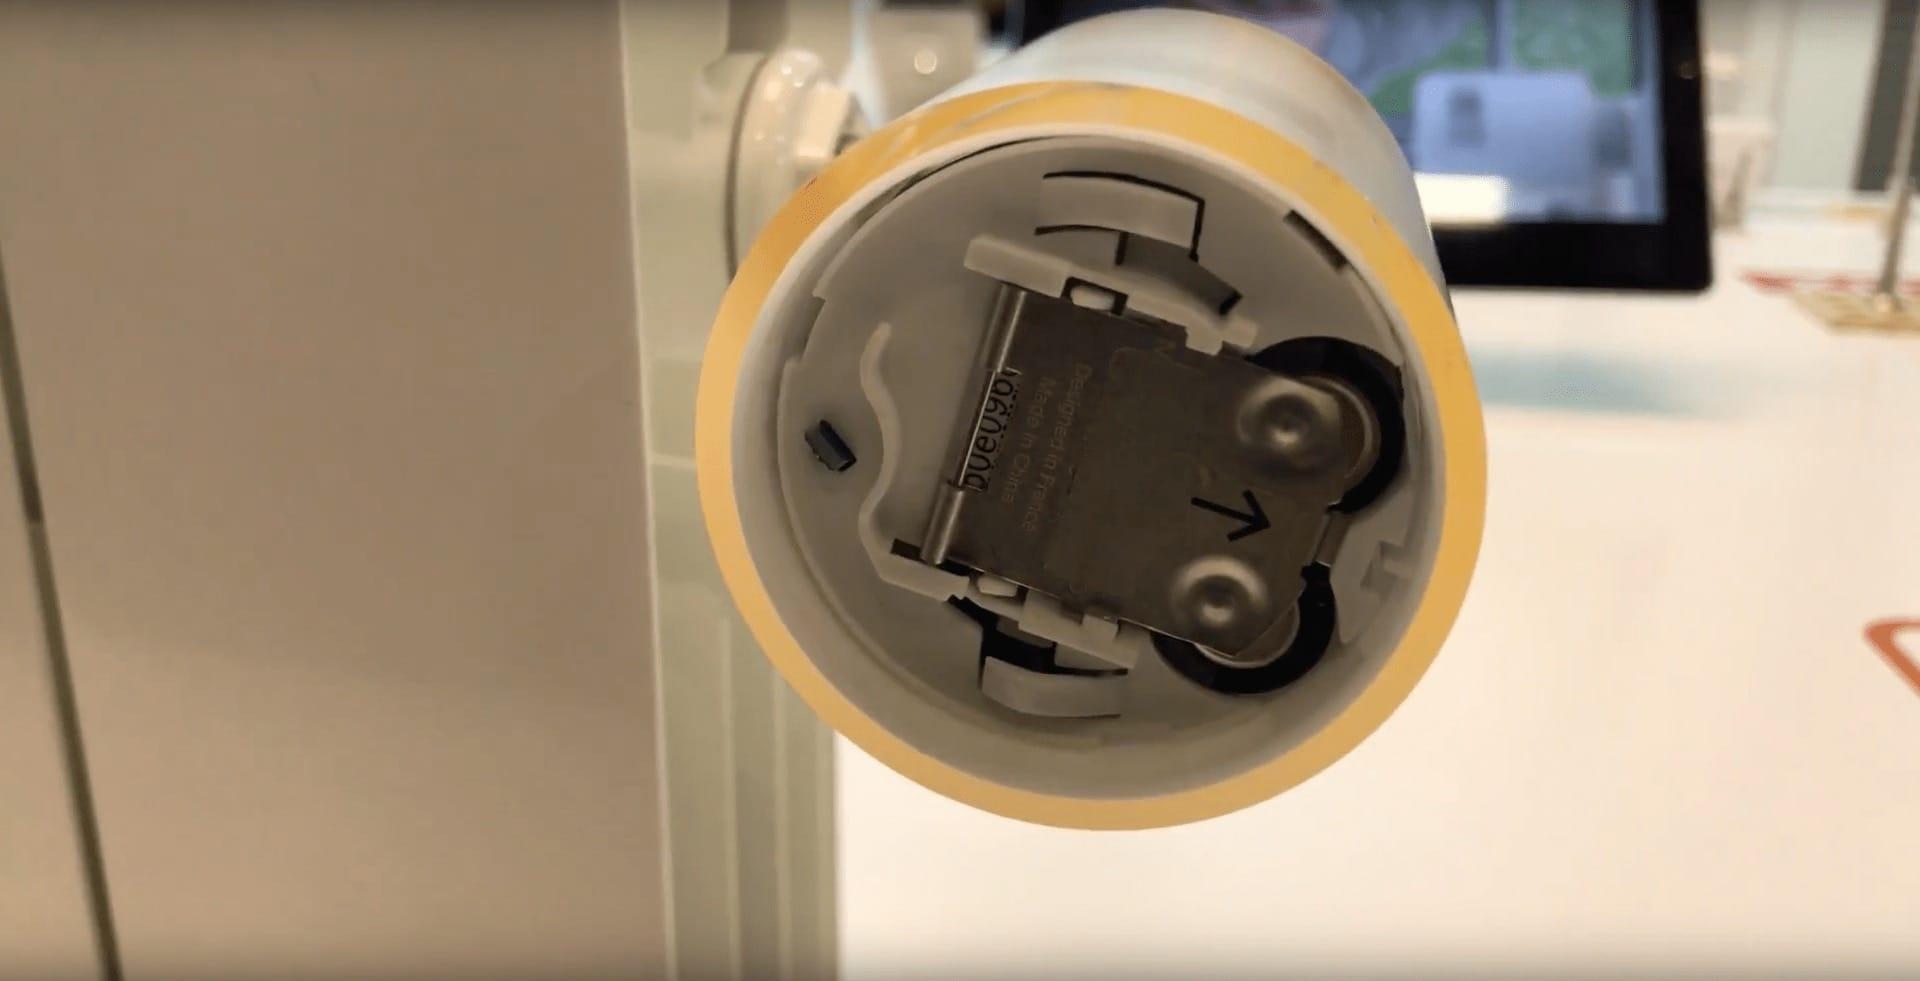 Das Batteriefach ist beim Netatmo-Heizkörper-Thermostat von der Vorderseite her erreichbar. Die zwei Batterien vom Typ AA Sind überall erhältlich und sollen zwei Jahre halten.